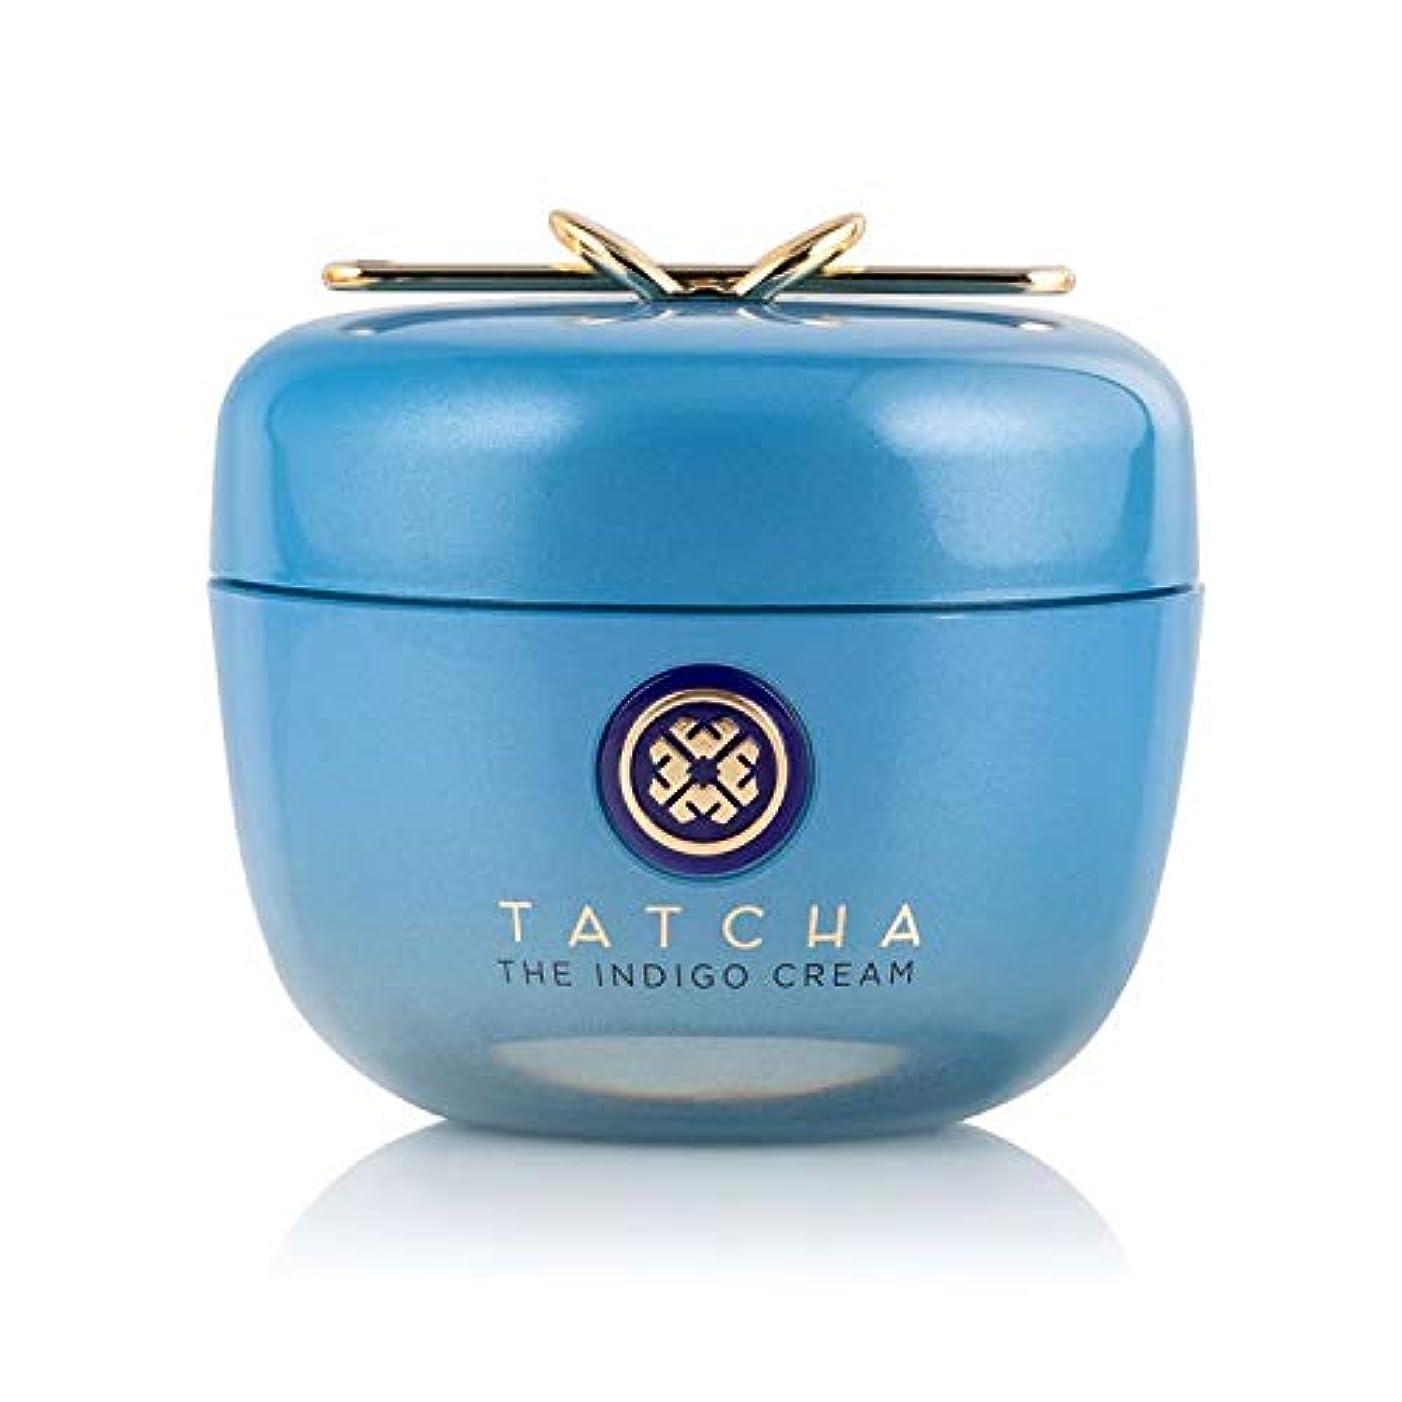 ピュースイング流星Tatcha The Indigo Cream Soothing Skin Protectant 1.7 oz/ 50 mL タチャインディゴ クリーム